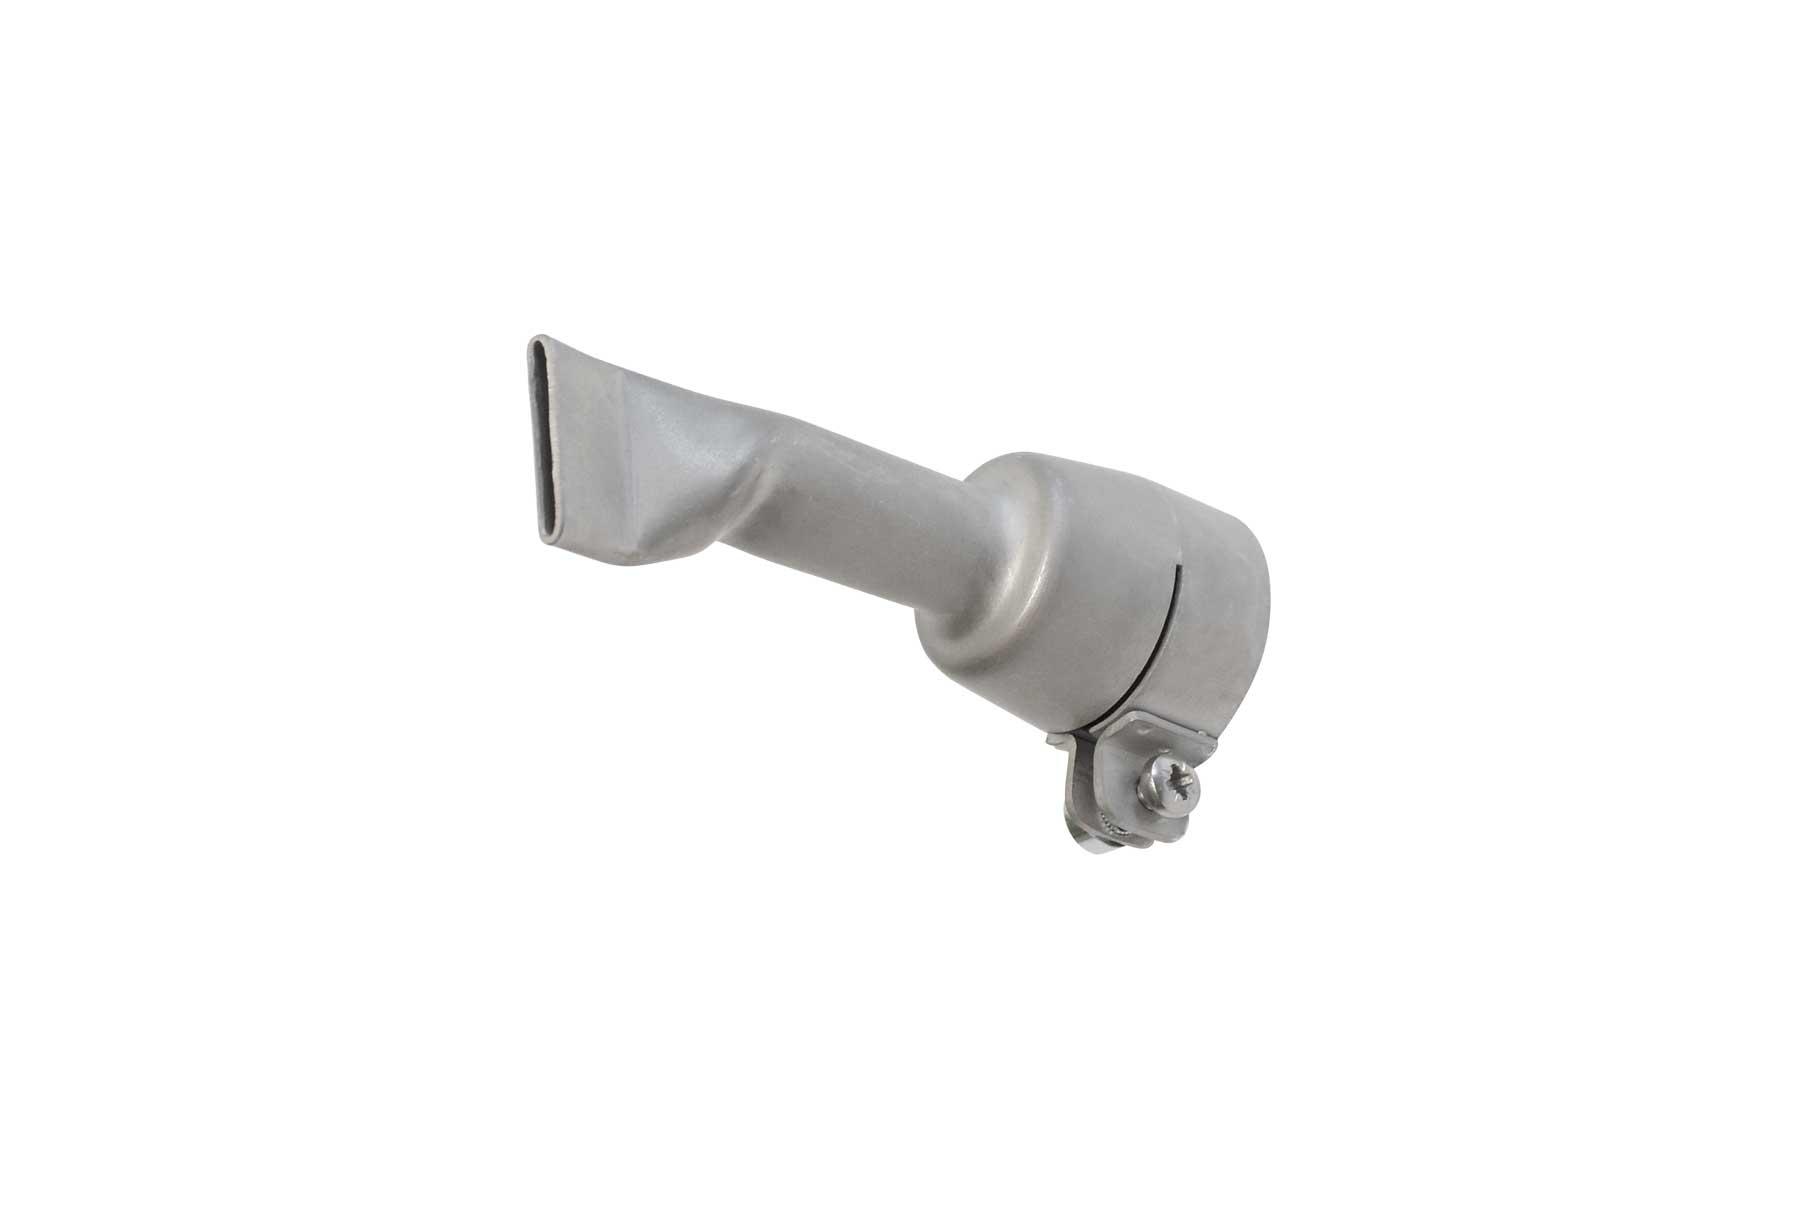 Edelstahldüse, abgewinkelt 20 mm / Stainless steel nozzle, bended 20 mm